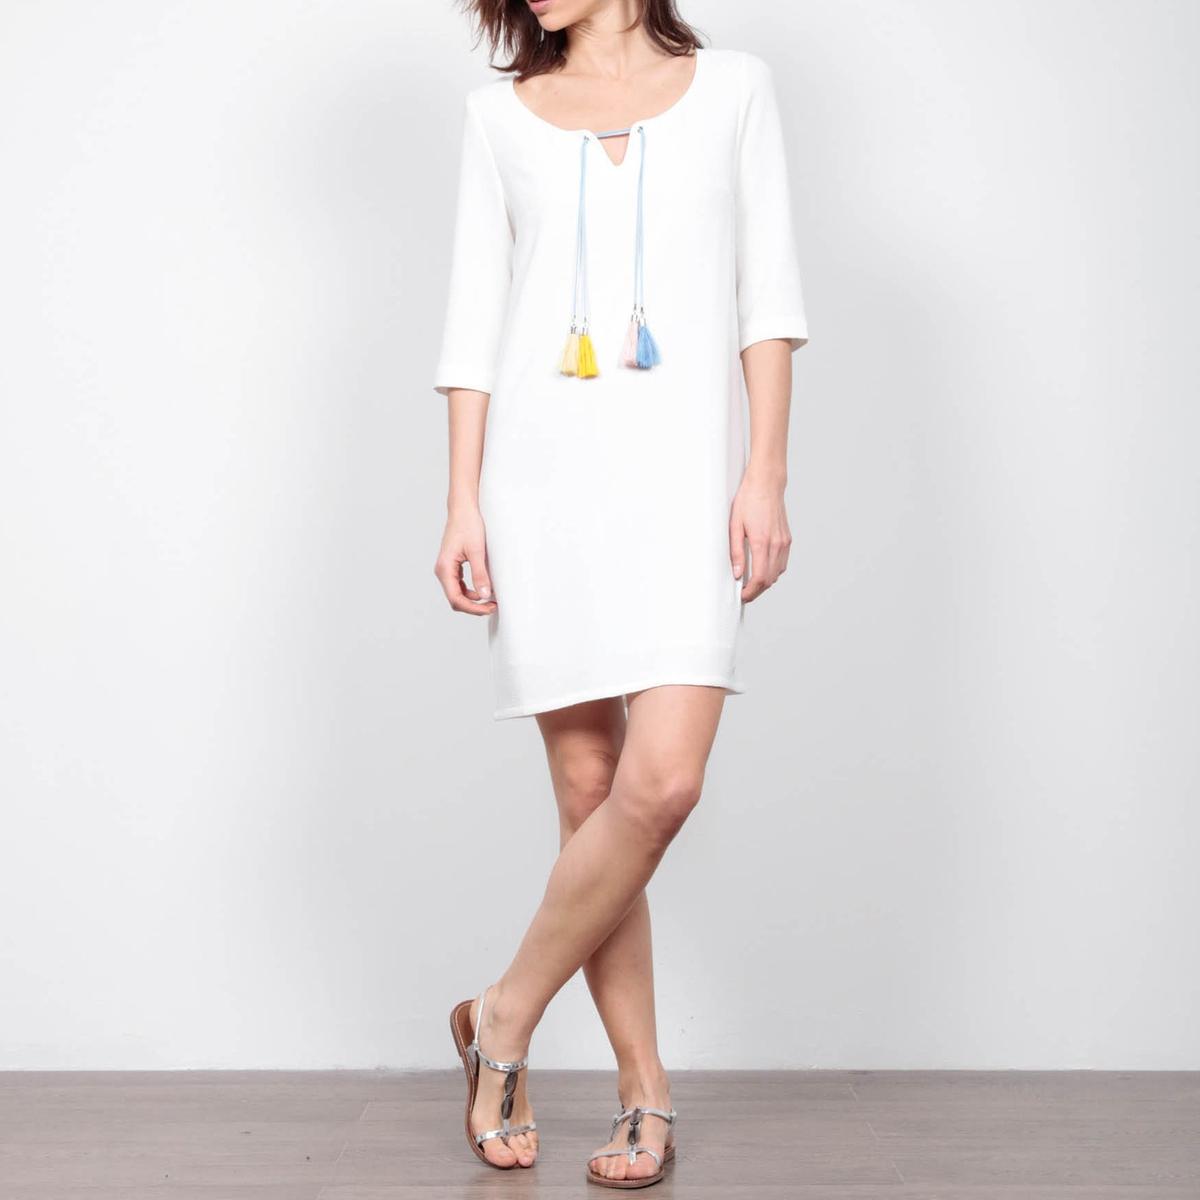 Платье с рукавами 3/4, круглый вырез с разрезом спередиМатериал : 100% полиэстер  Длина рукава : короткие рукава  Форма воротника : V-образный вырез Покрой платья : расклешенное платье Рисунок : однотонная модель   Длина платья : короткое<br><br>Цвет: белый